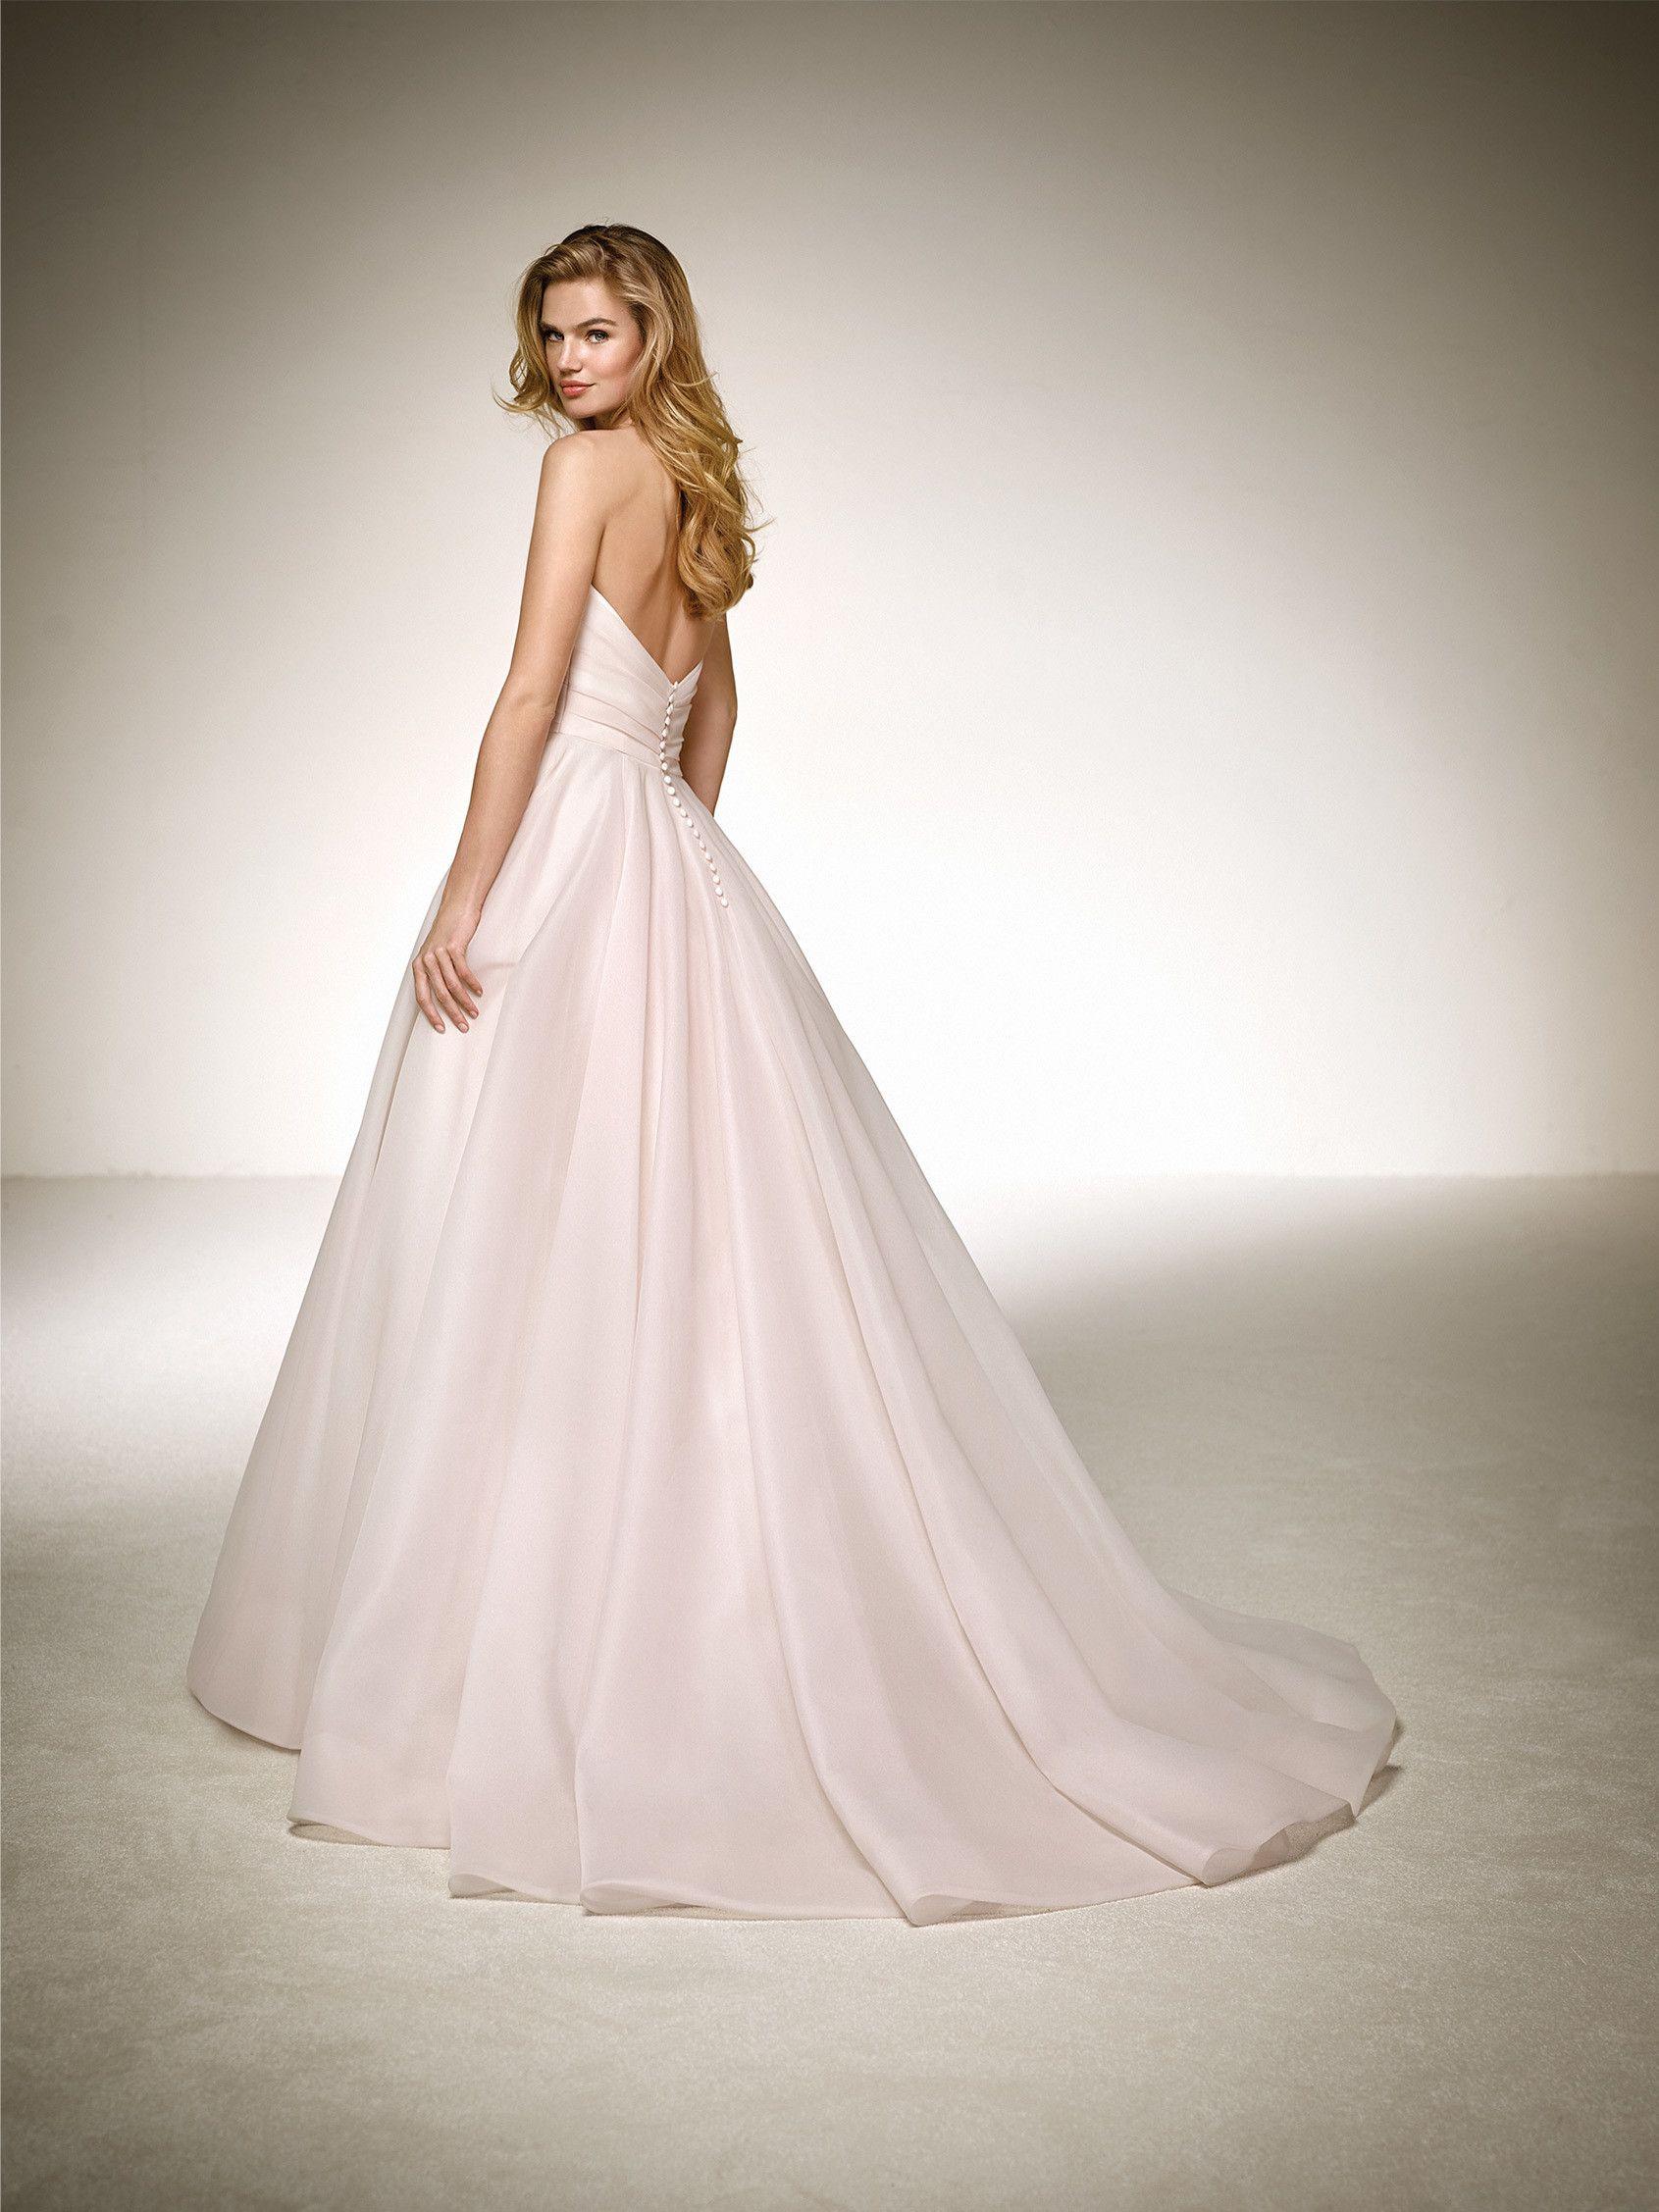 Lulus wedding guest dress  Diman  Pronovias  Available at Luluus Bridal Boutique  Luluus